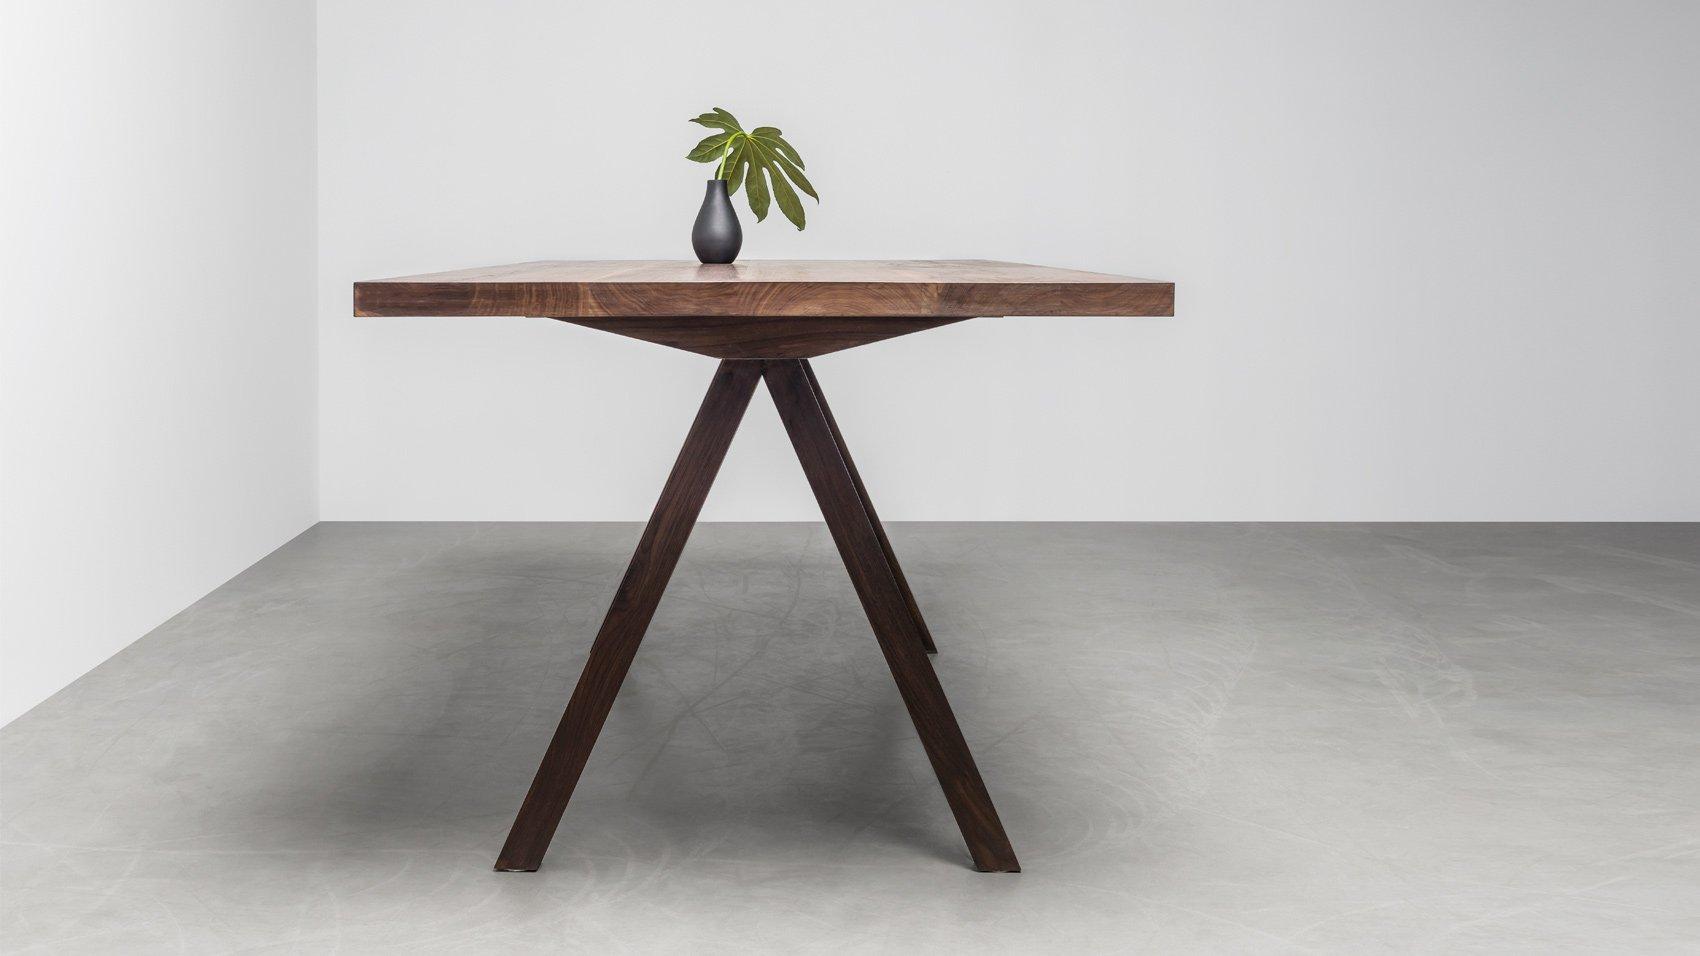 Elegancki stół z orzecha amerykańskiego wykonany na zamówienie - Stół Victoria od Hoom